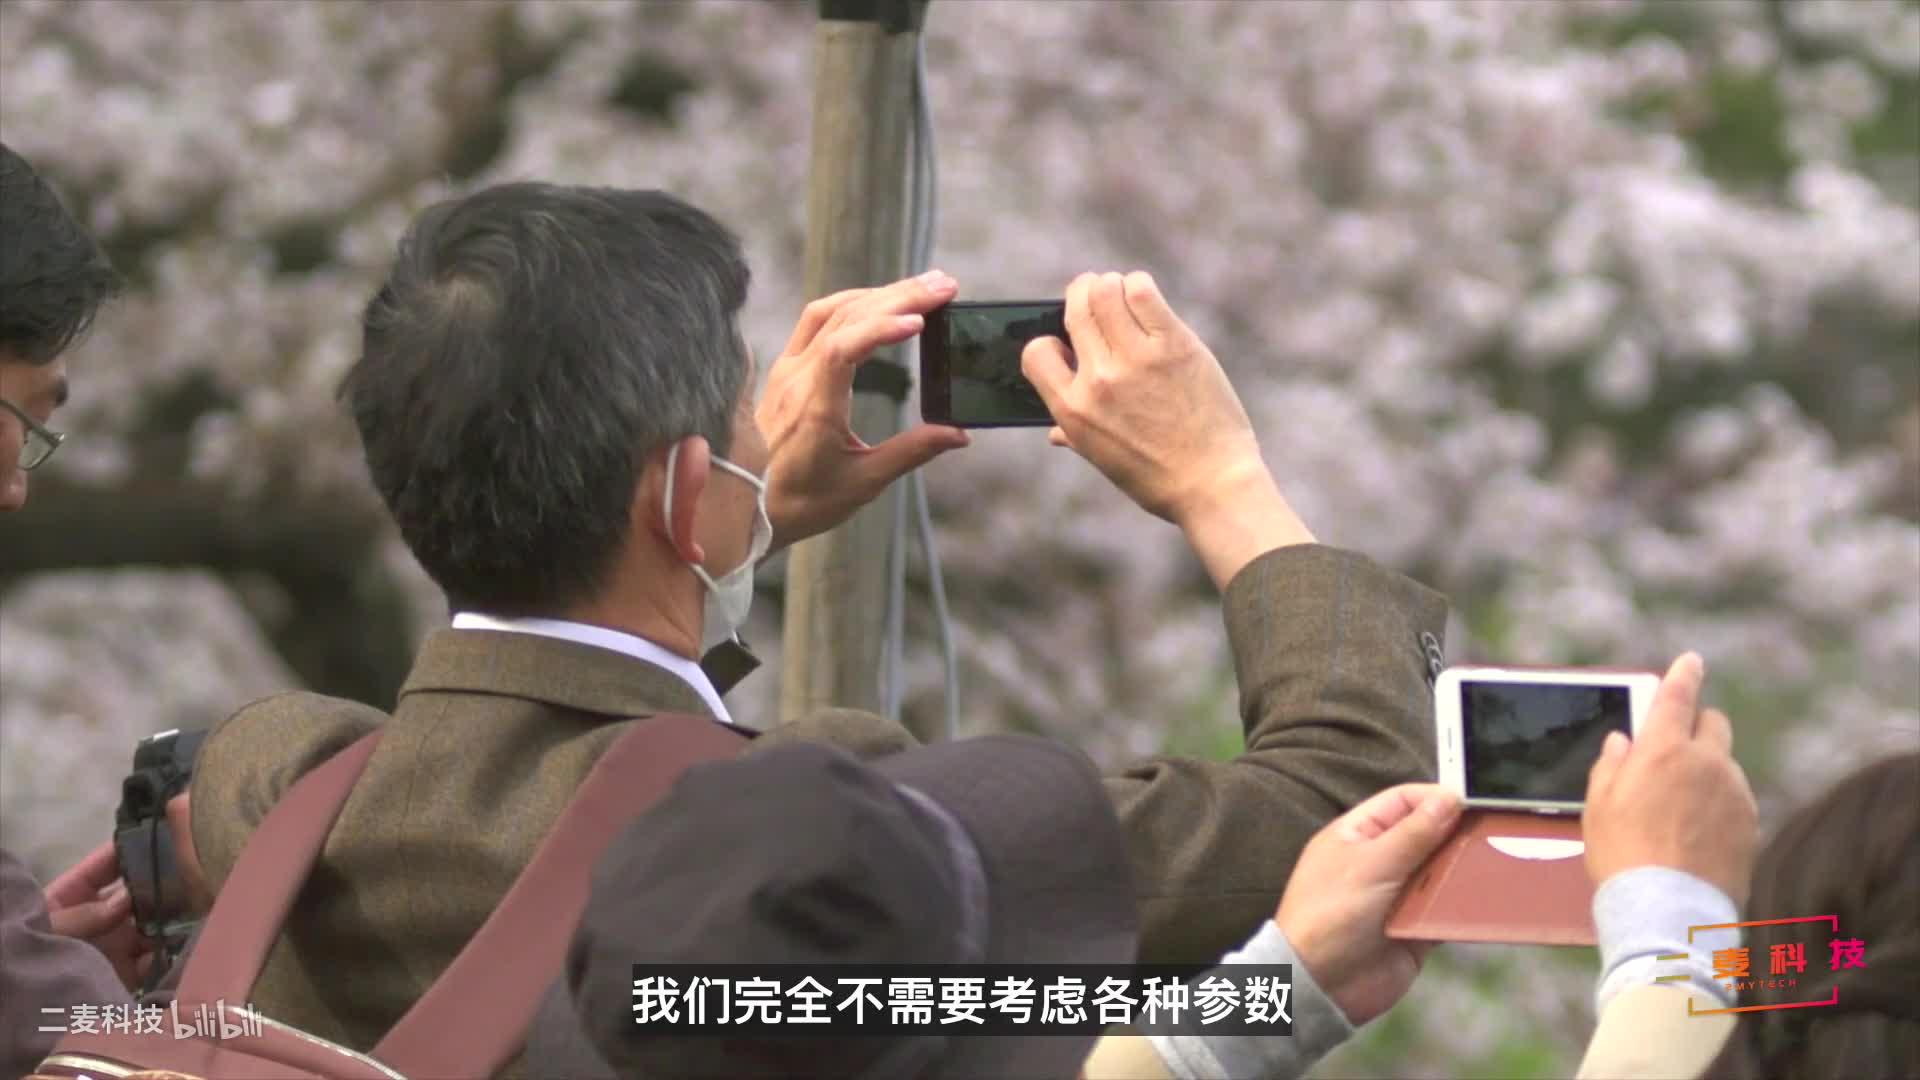 手机摄影|这三个手机摄影构图辅助工具,让你不再为构图发愁。